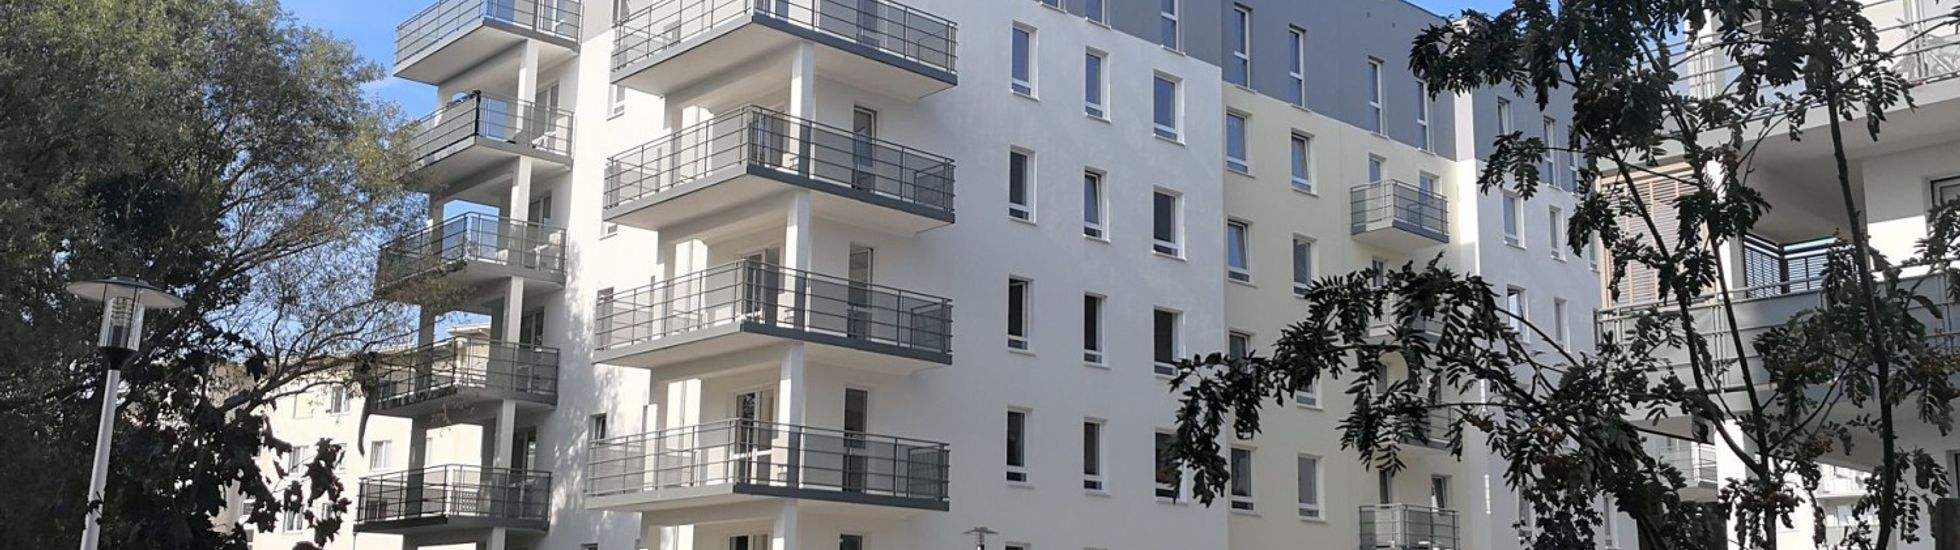 [Zielona Góra] Następne mieszkania przy ul. Obywatelskiej w Zielonej Górze czekają na klientów